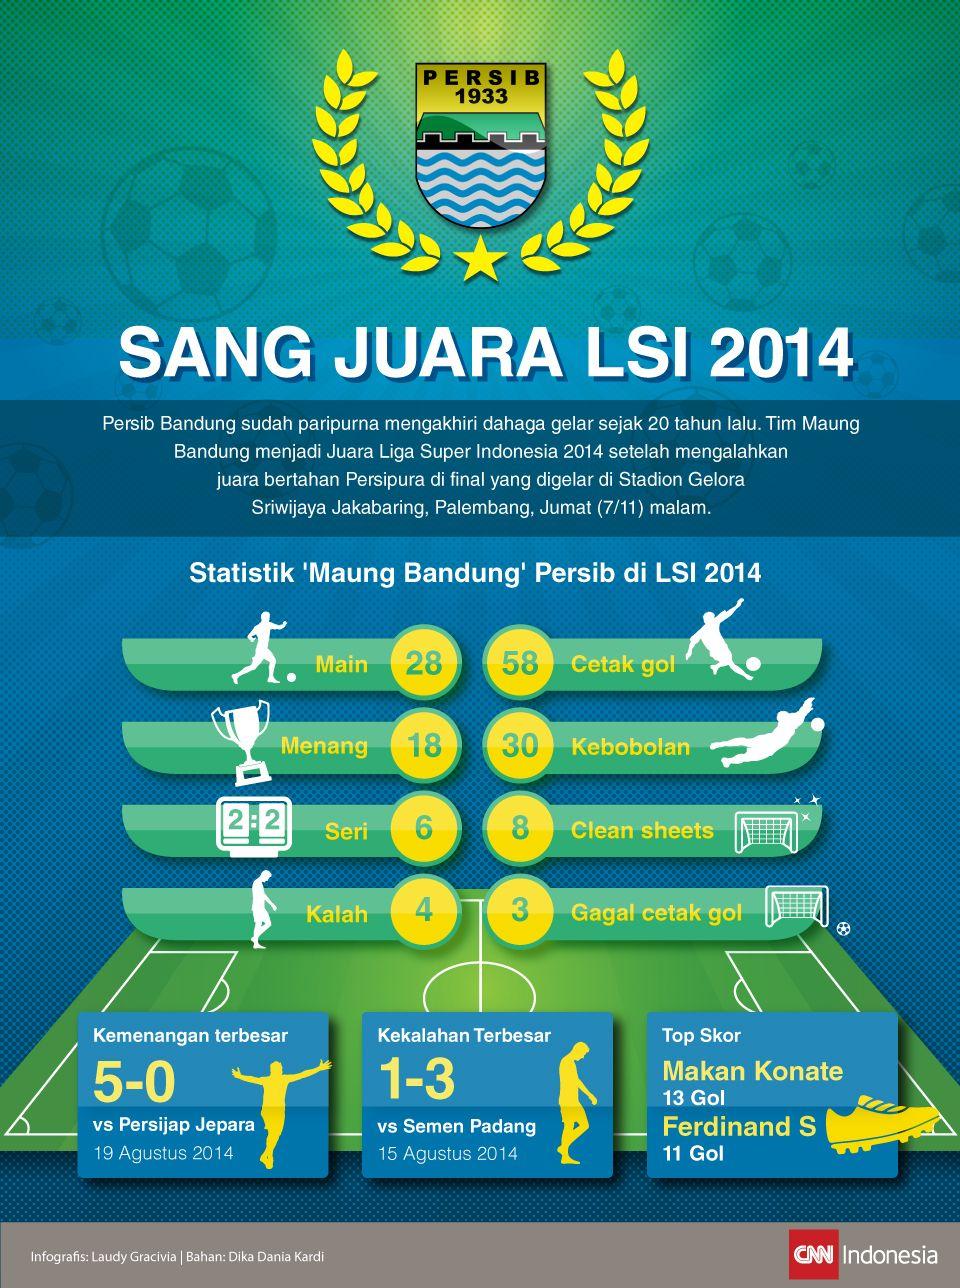 Catatan Maung Bandung Sang Juara LSI